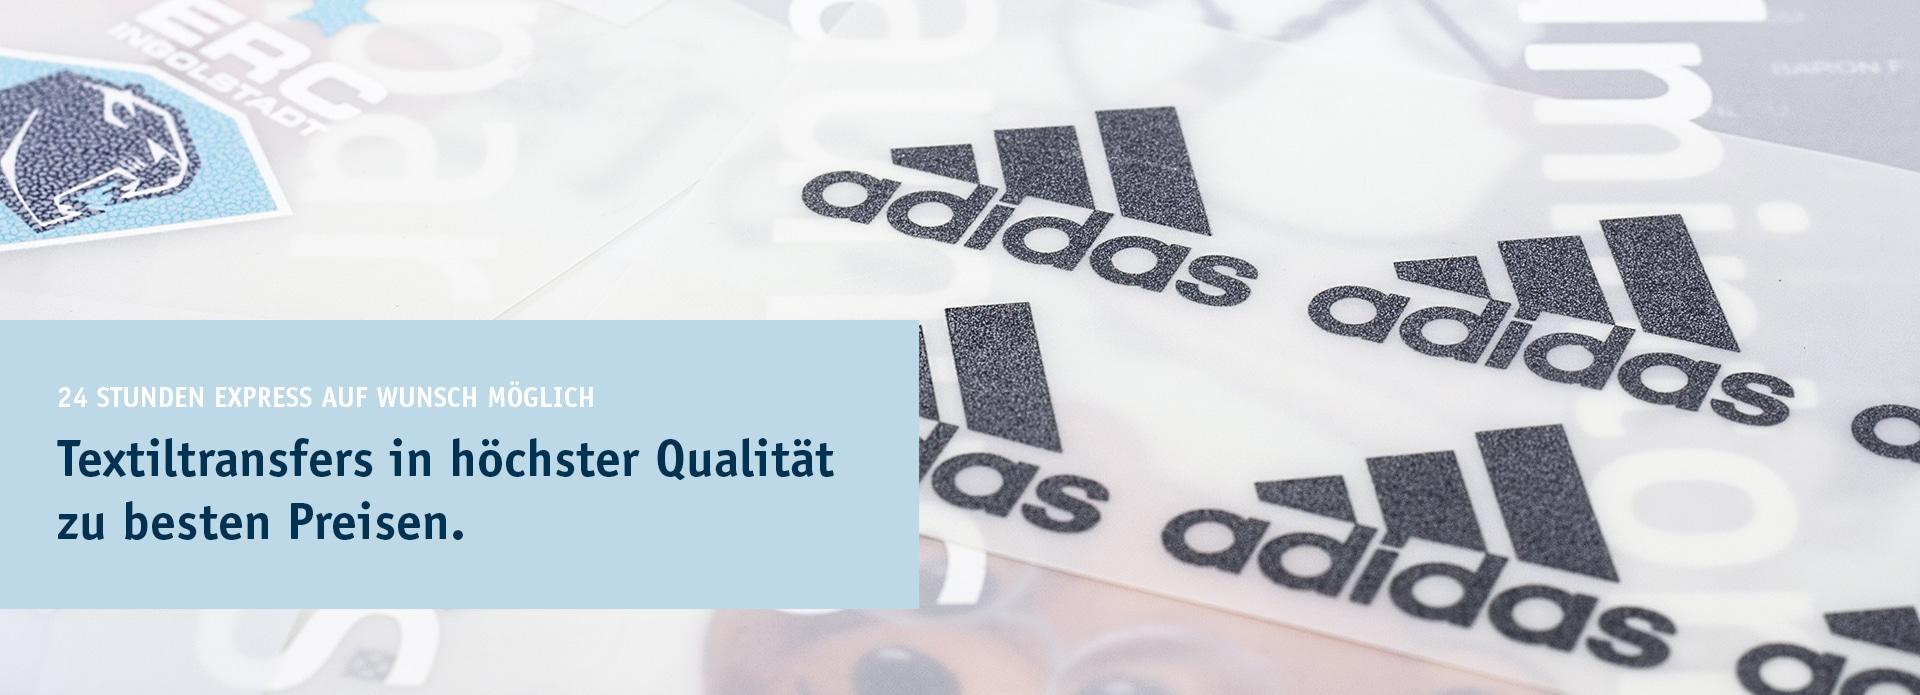 Textiltransfers in höchster Qualität zu besten Preisen.